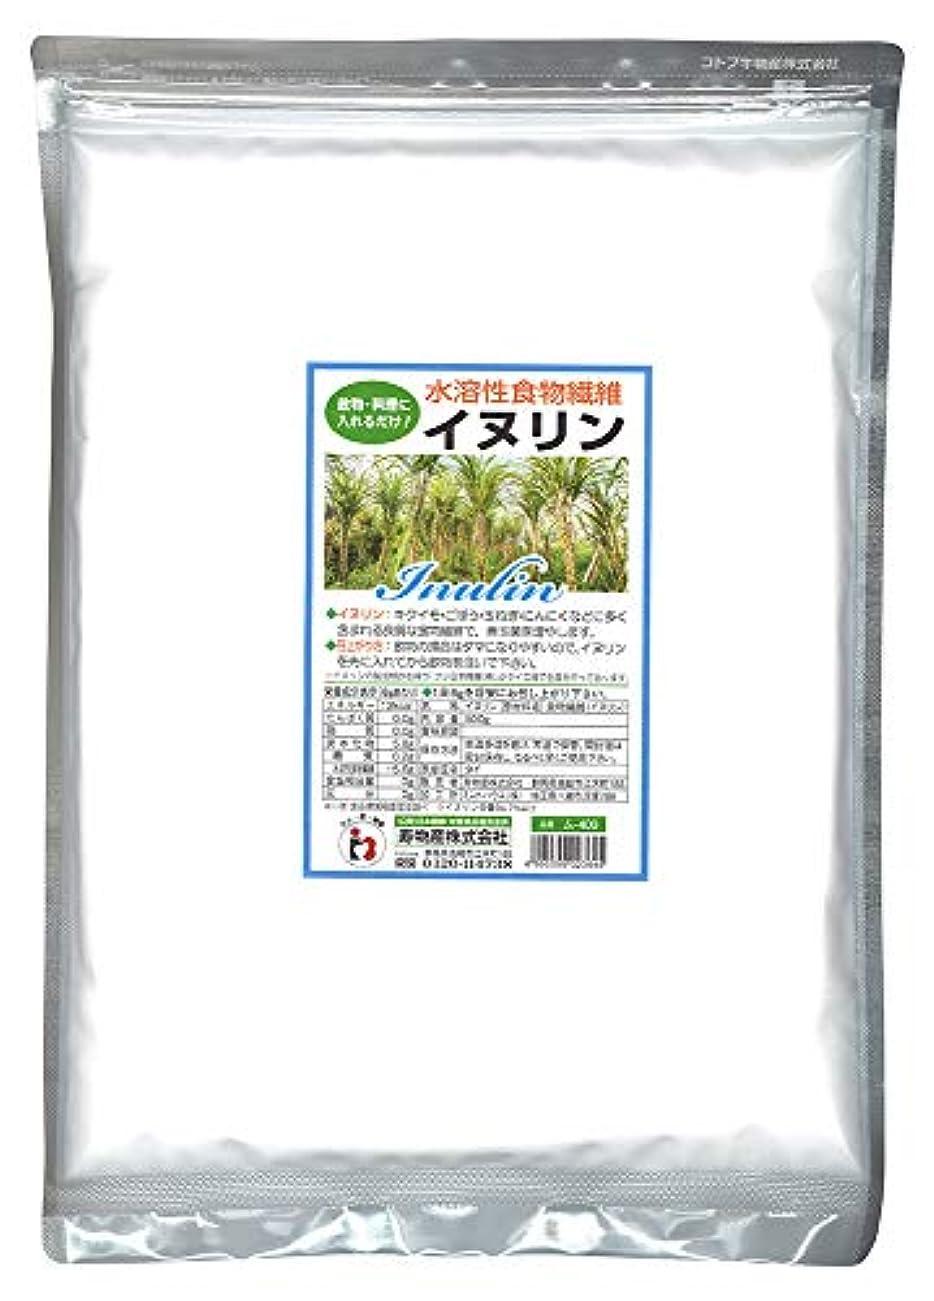 システム言うまでもなく法廷イヌリン 500g 水溶性食物繊維 菊芋に多く含まれる食物繊維